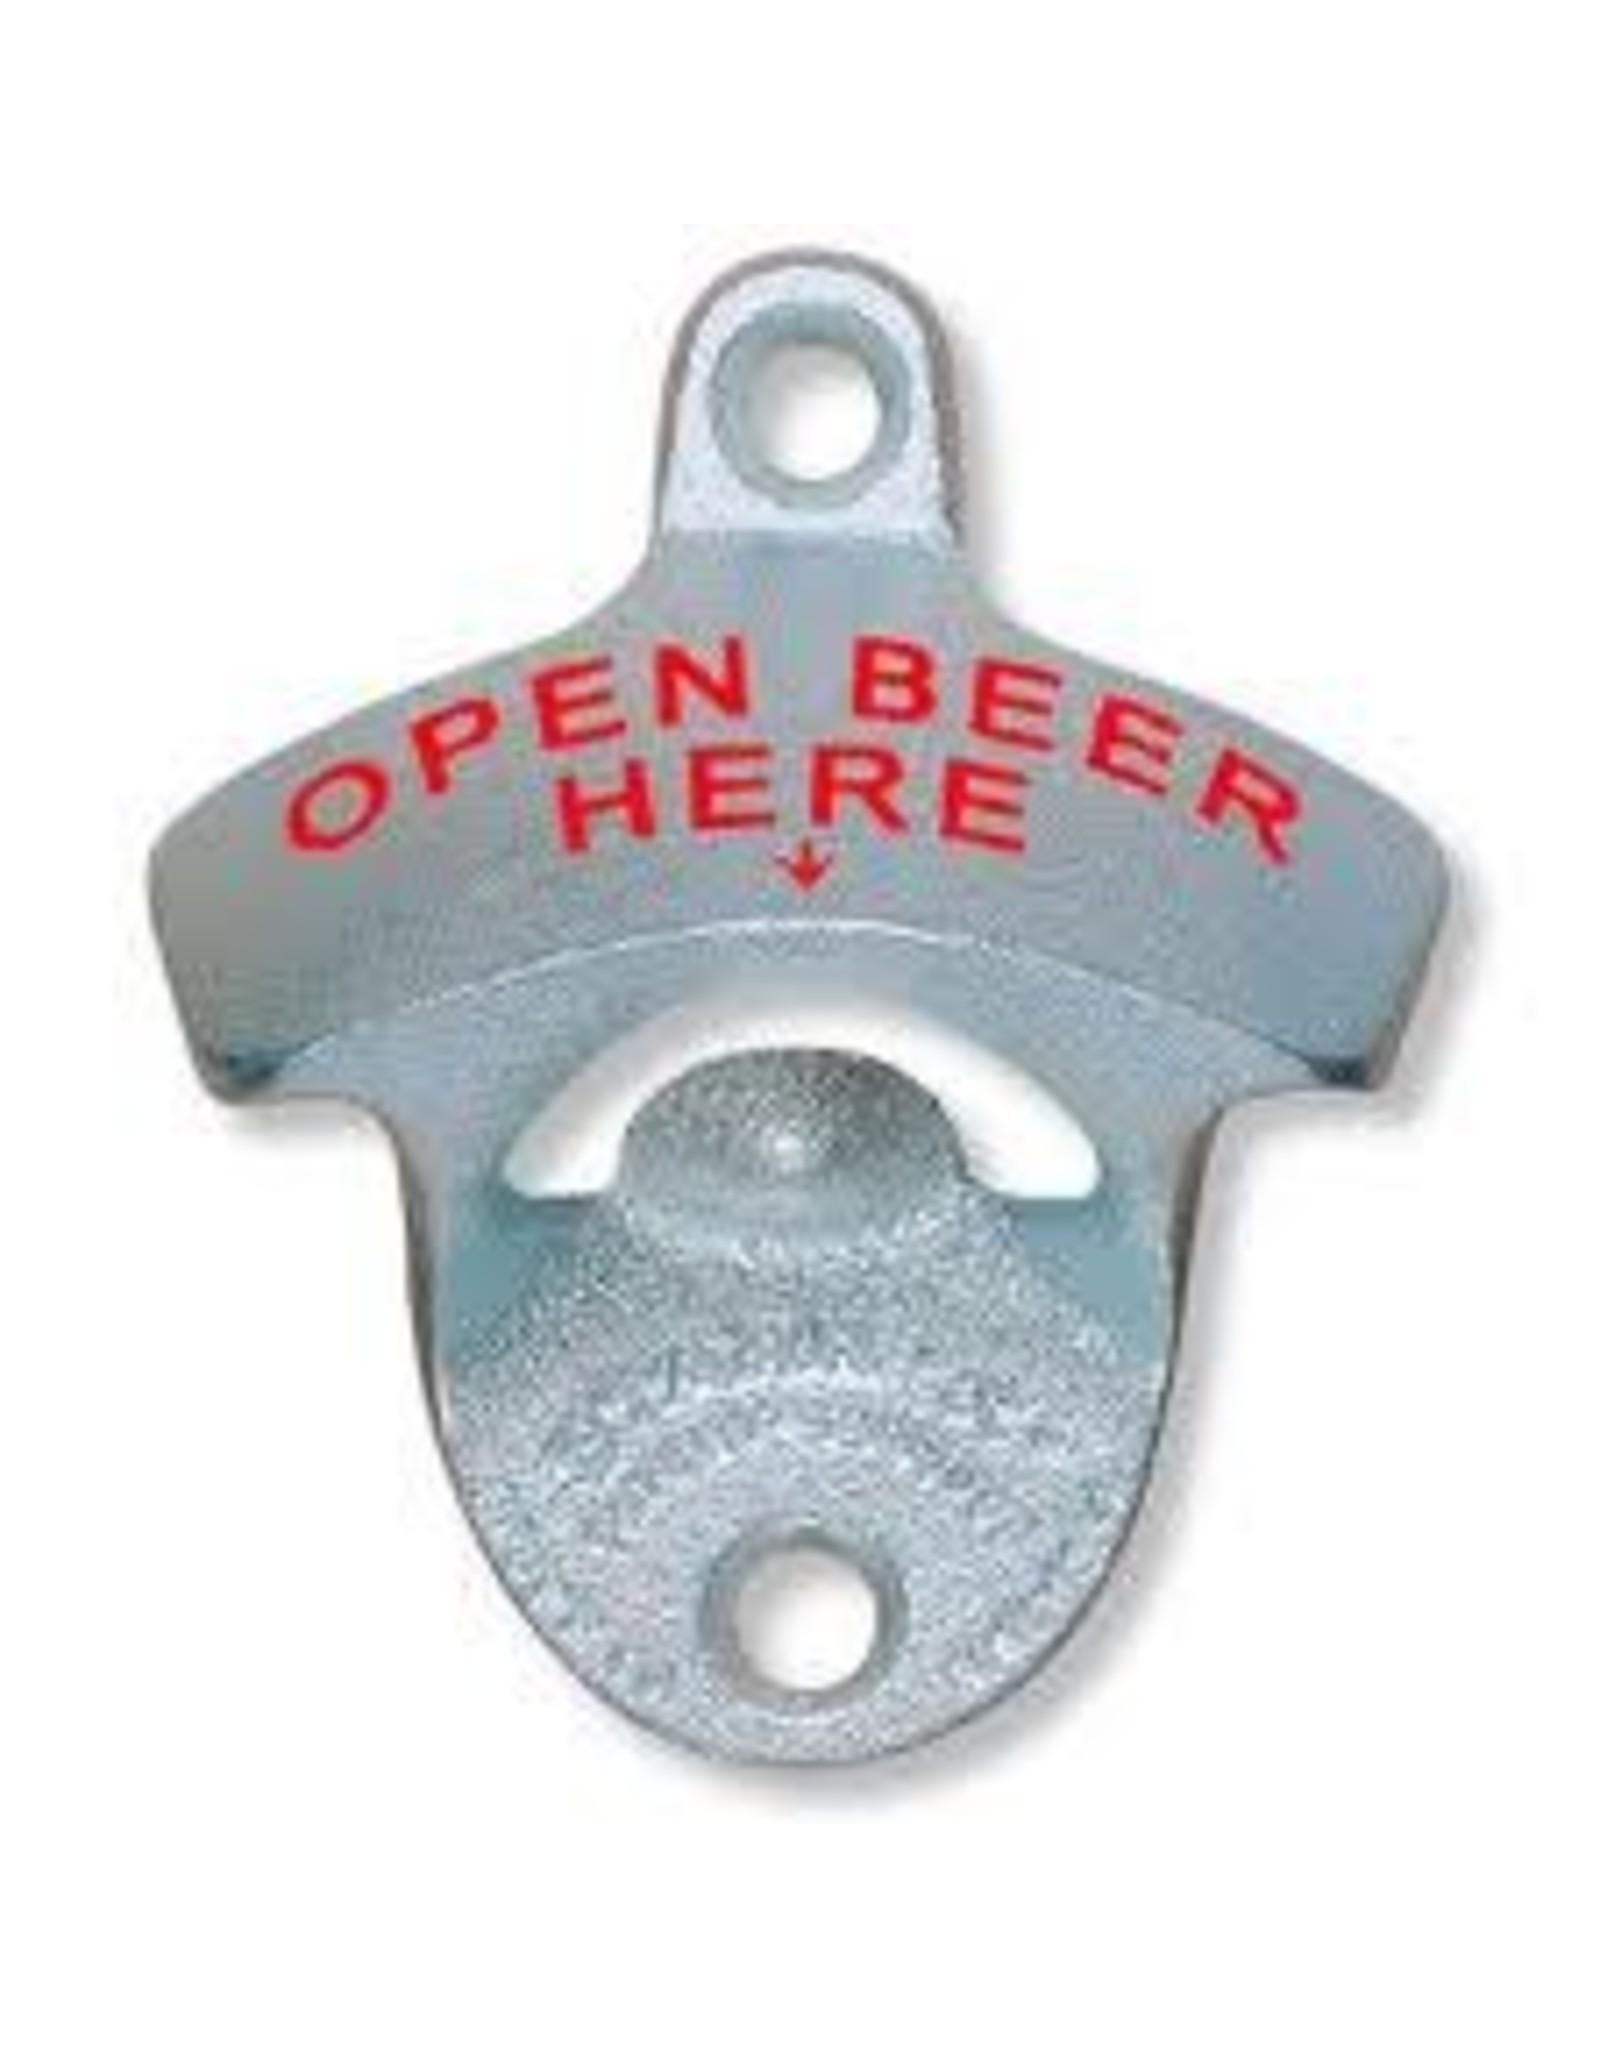 BOTTLE OPEN - OPEN BEER HERE